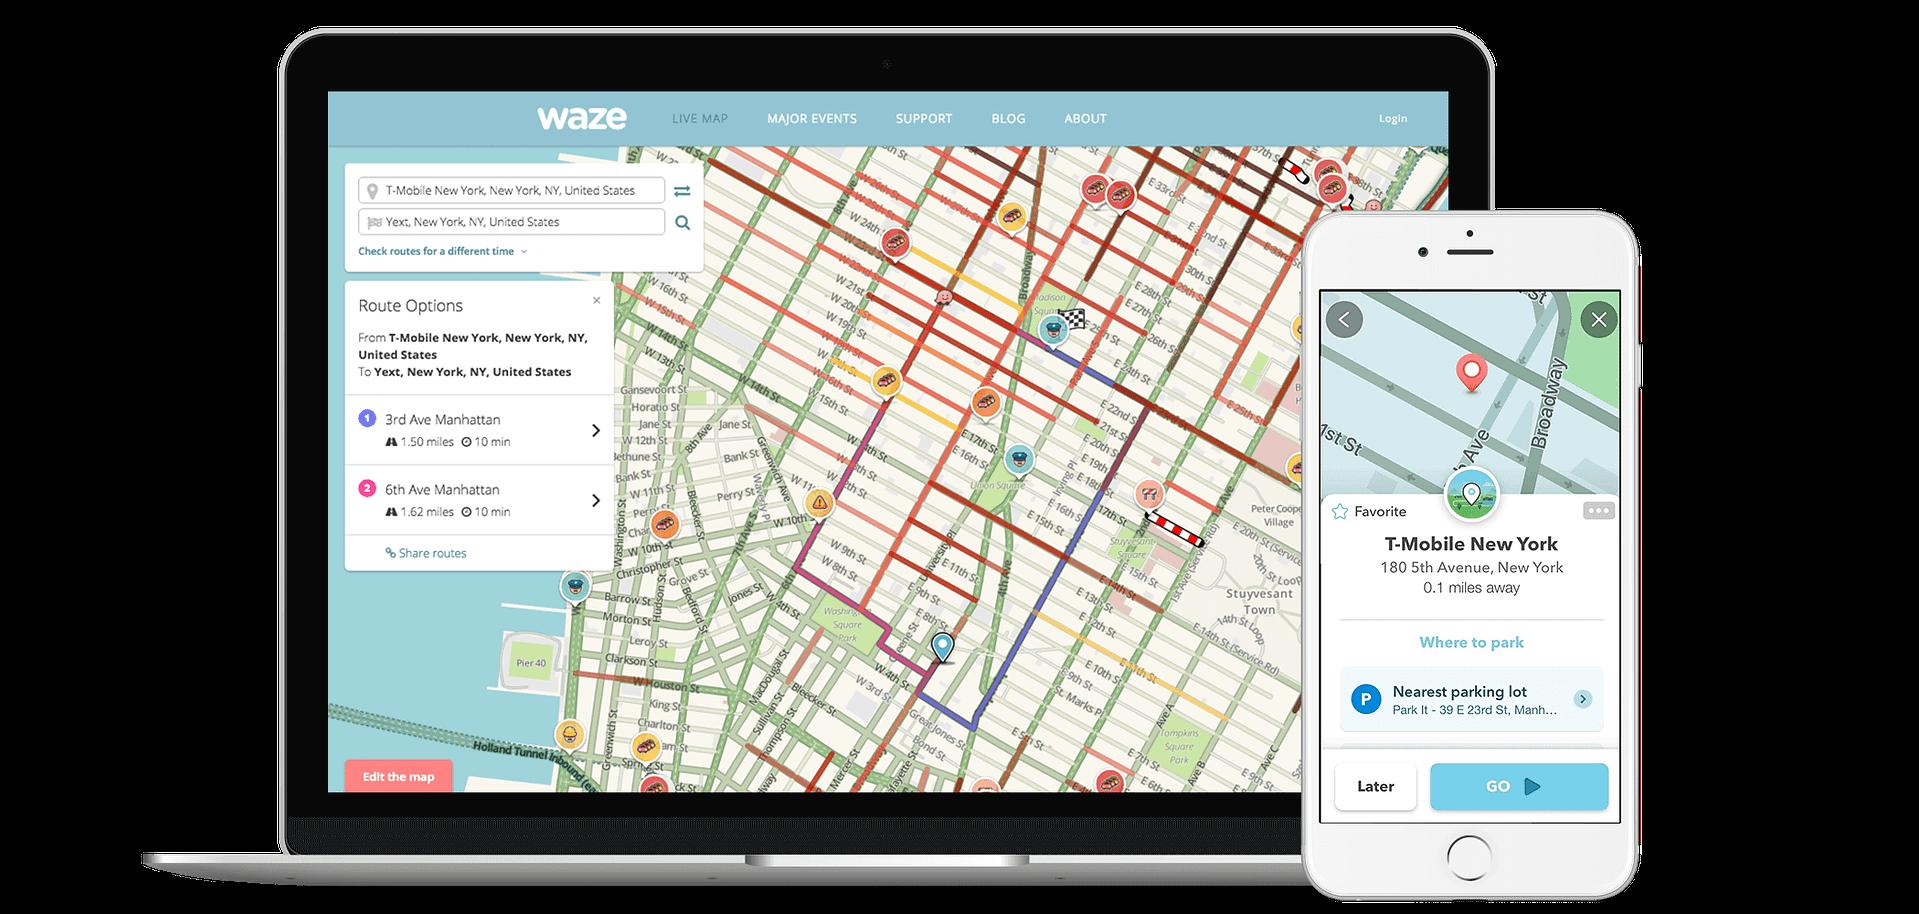 Add Your Business to Waze